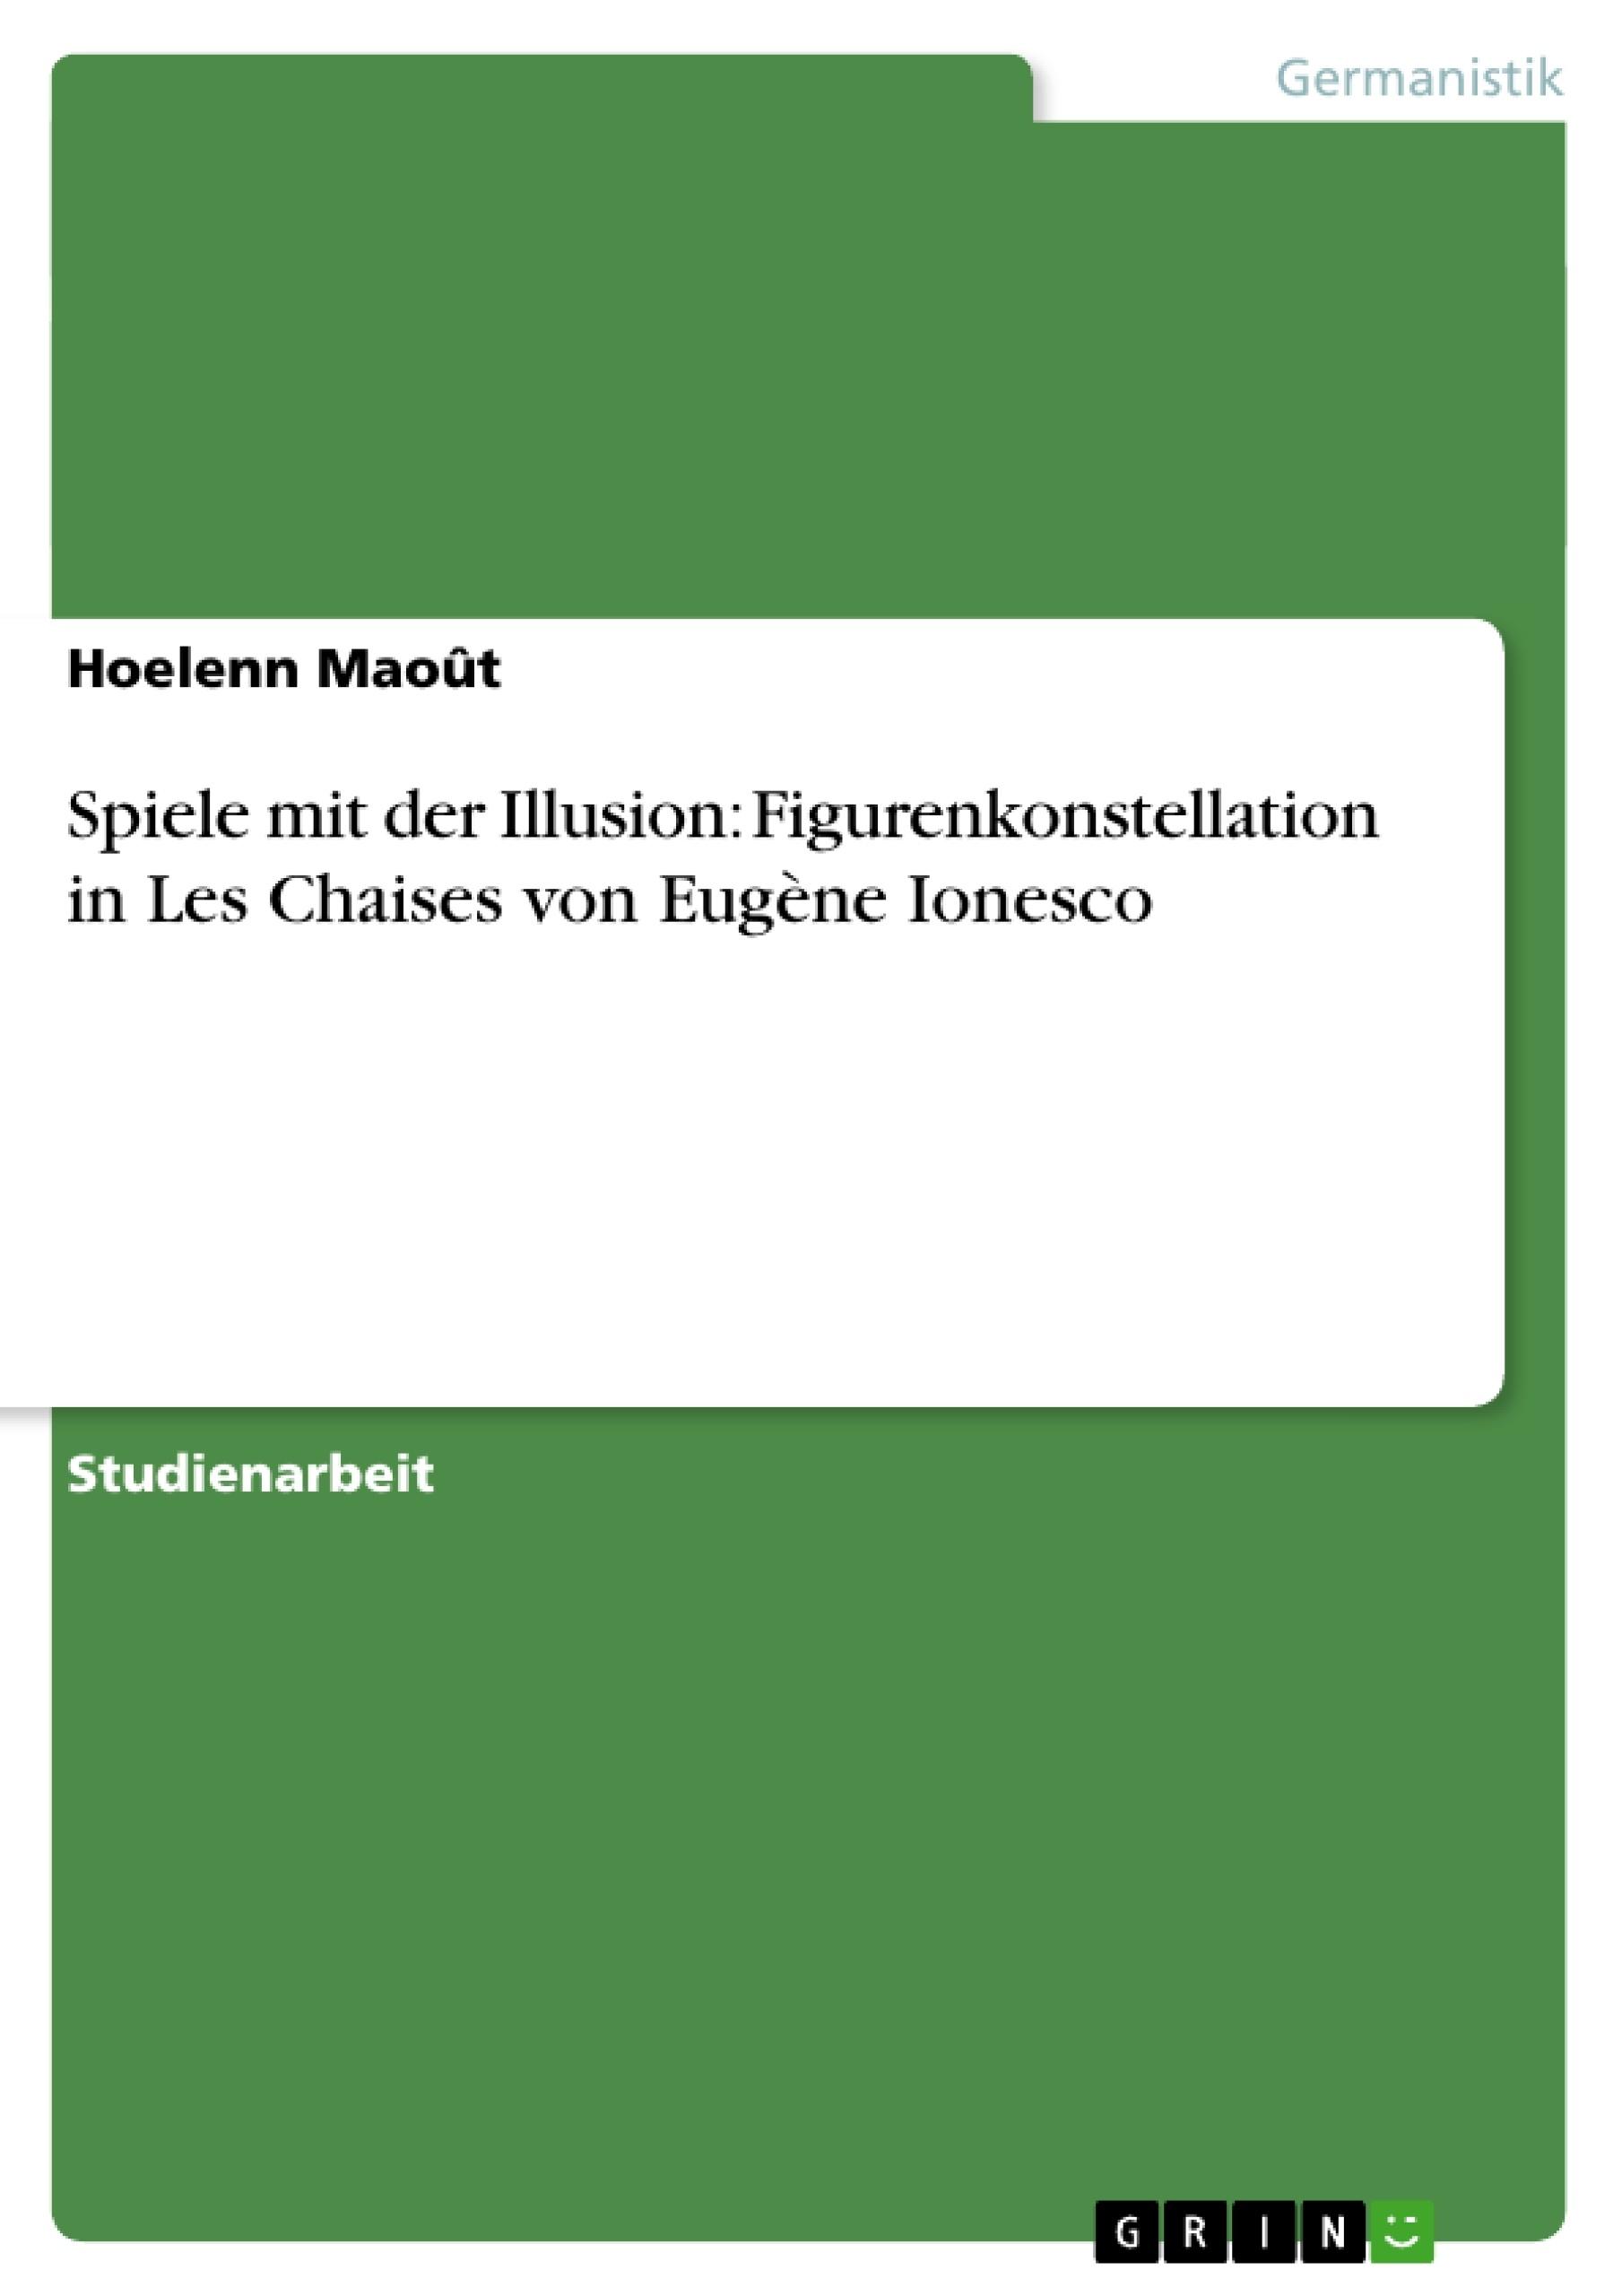 Titel: Spiele mit der Illusion: Figurenkonstellation in Les Chaises von Eugène Ionesco